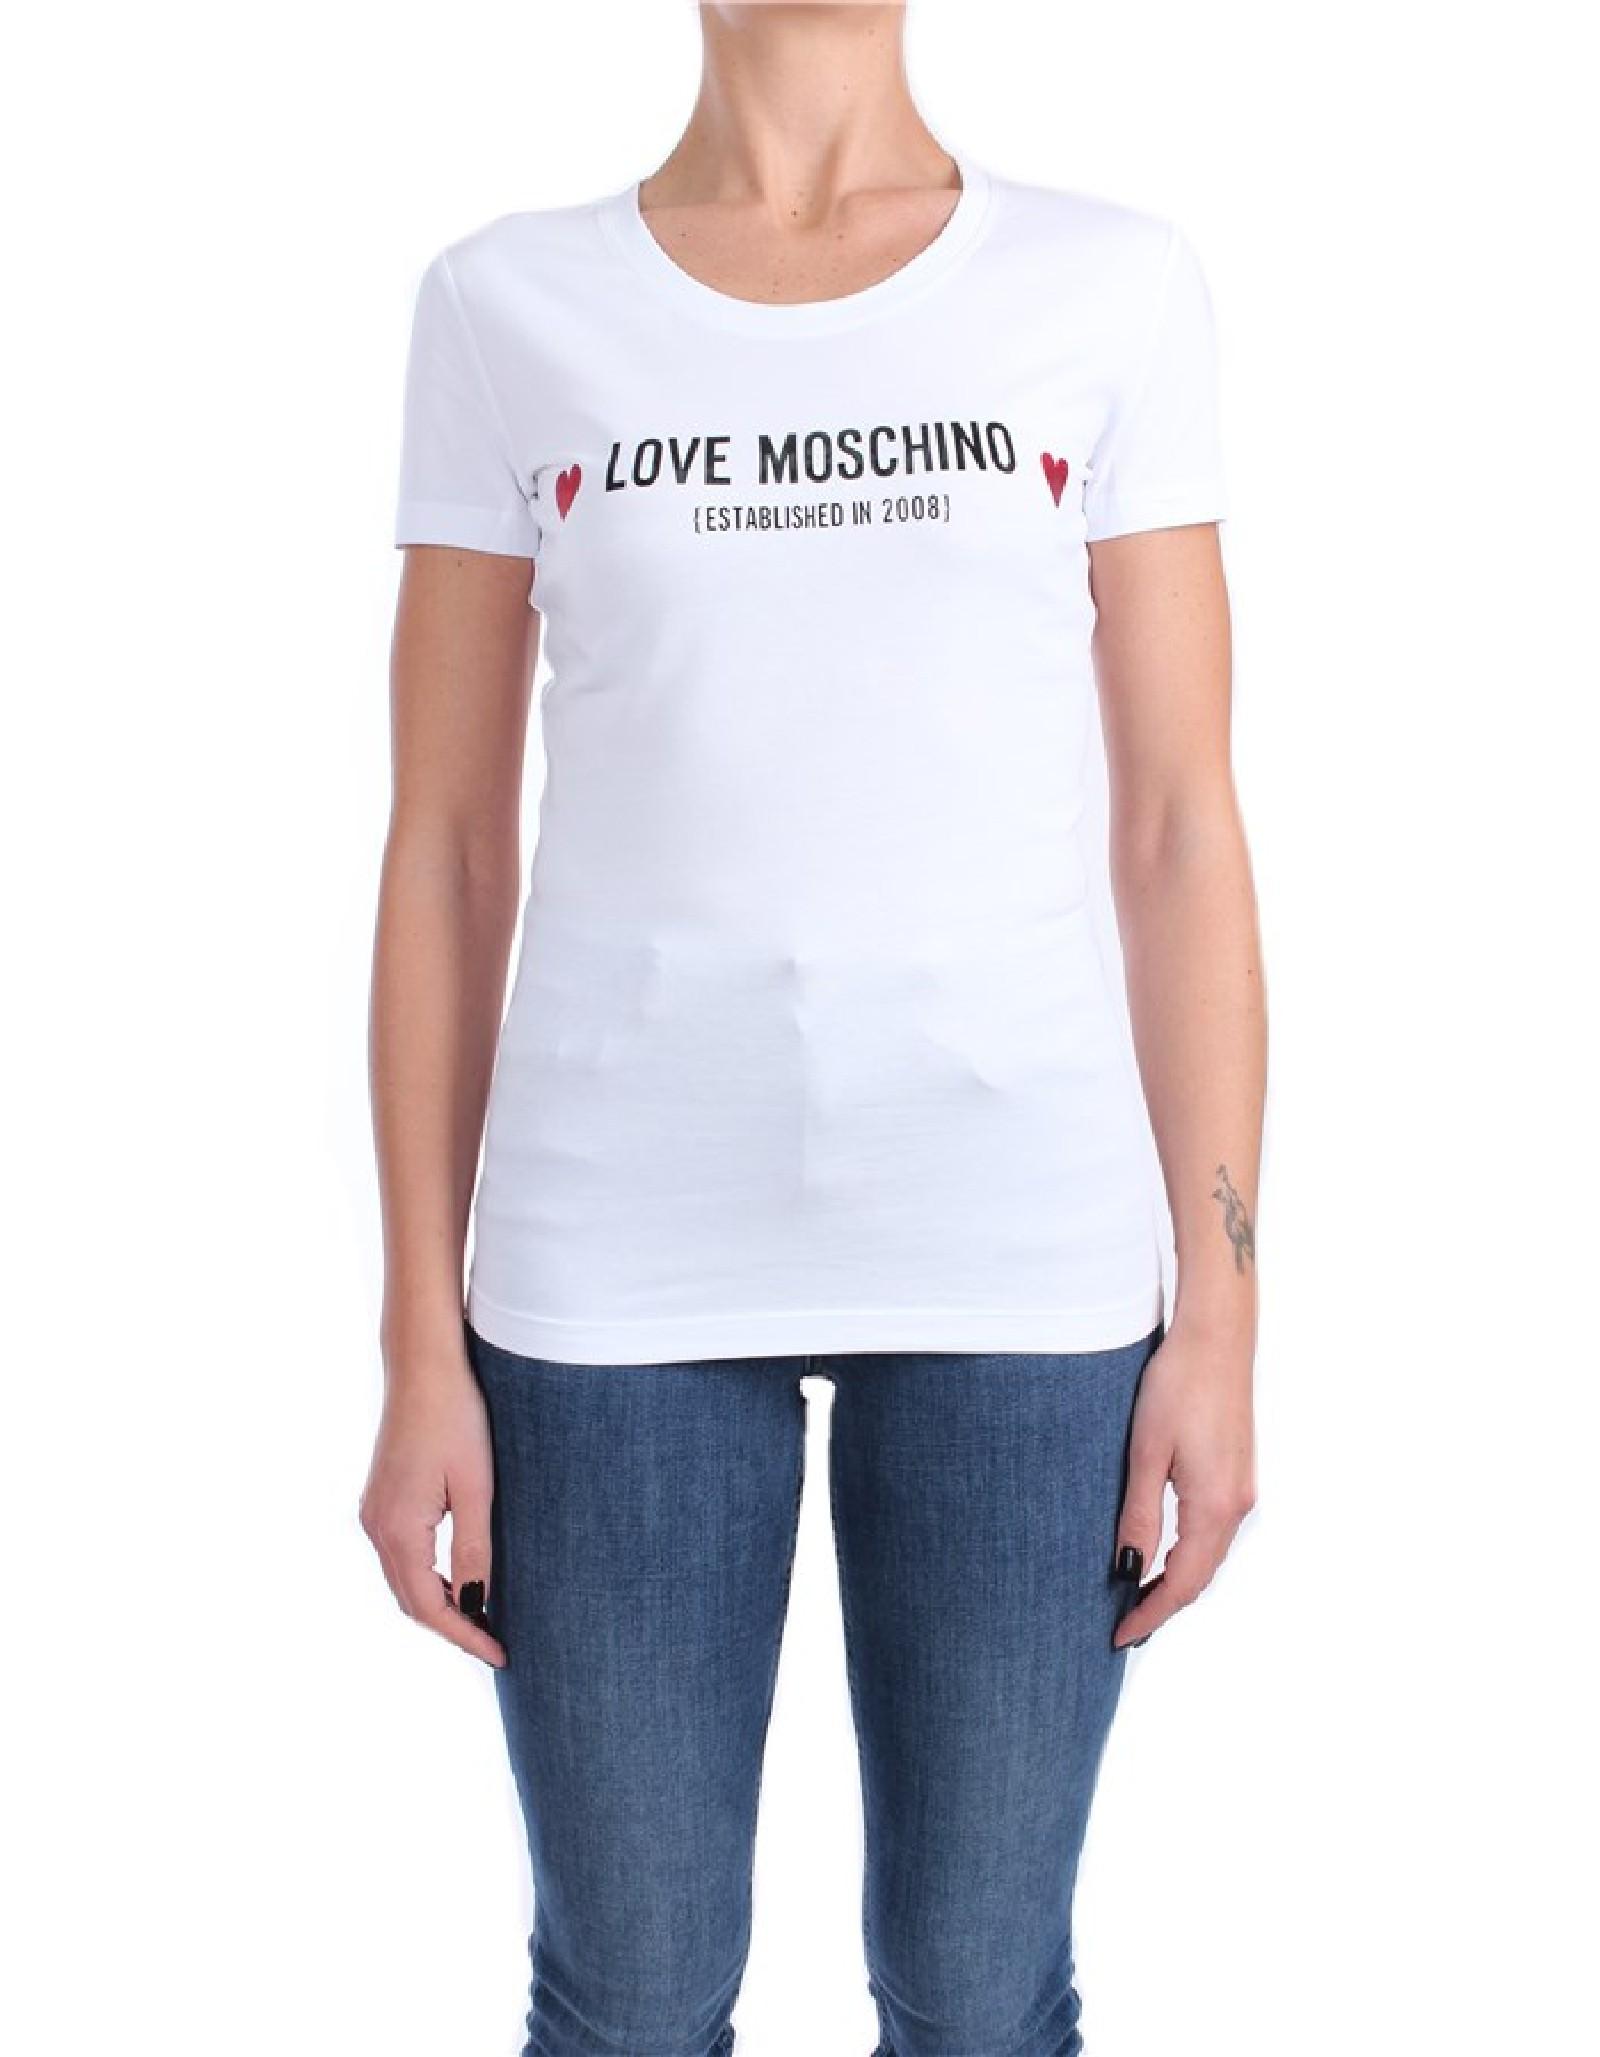 MOSCHINO LOVE   T-shirt   W 4 H19 04 E 1951A00